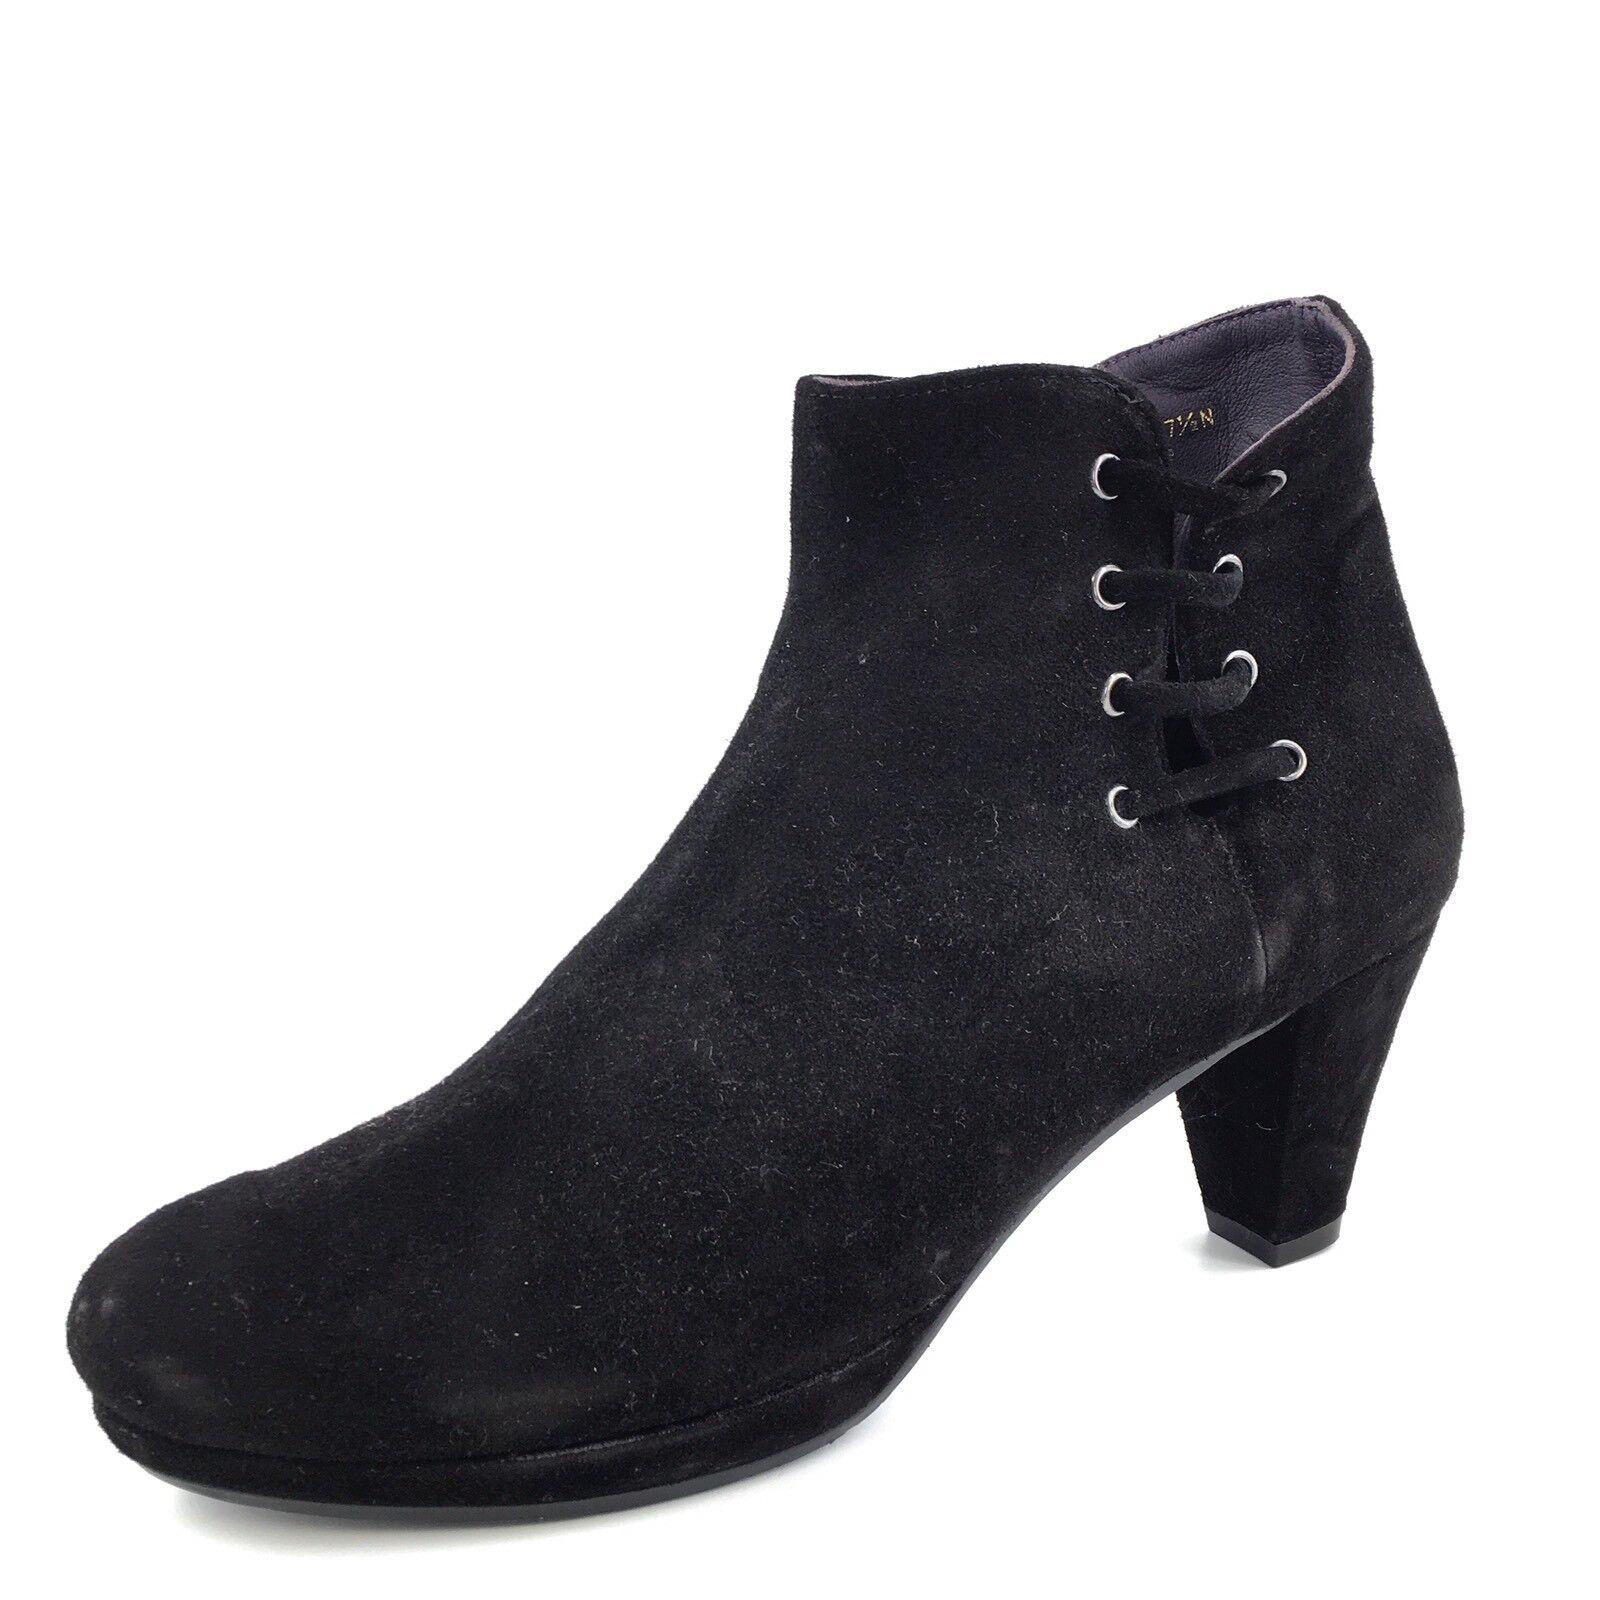 VANELI    Lavis  Negro Gamuza Cremallera botas al tobillo para mujer Talla 7.5 N   tienda